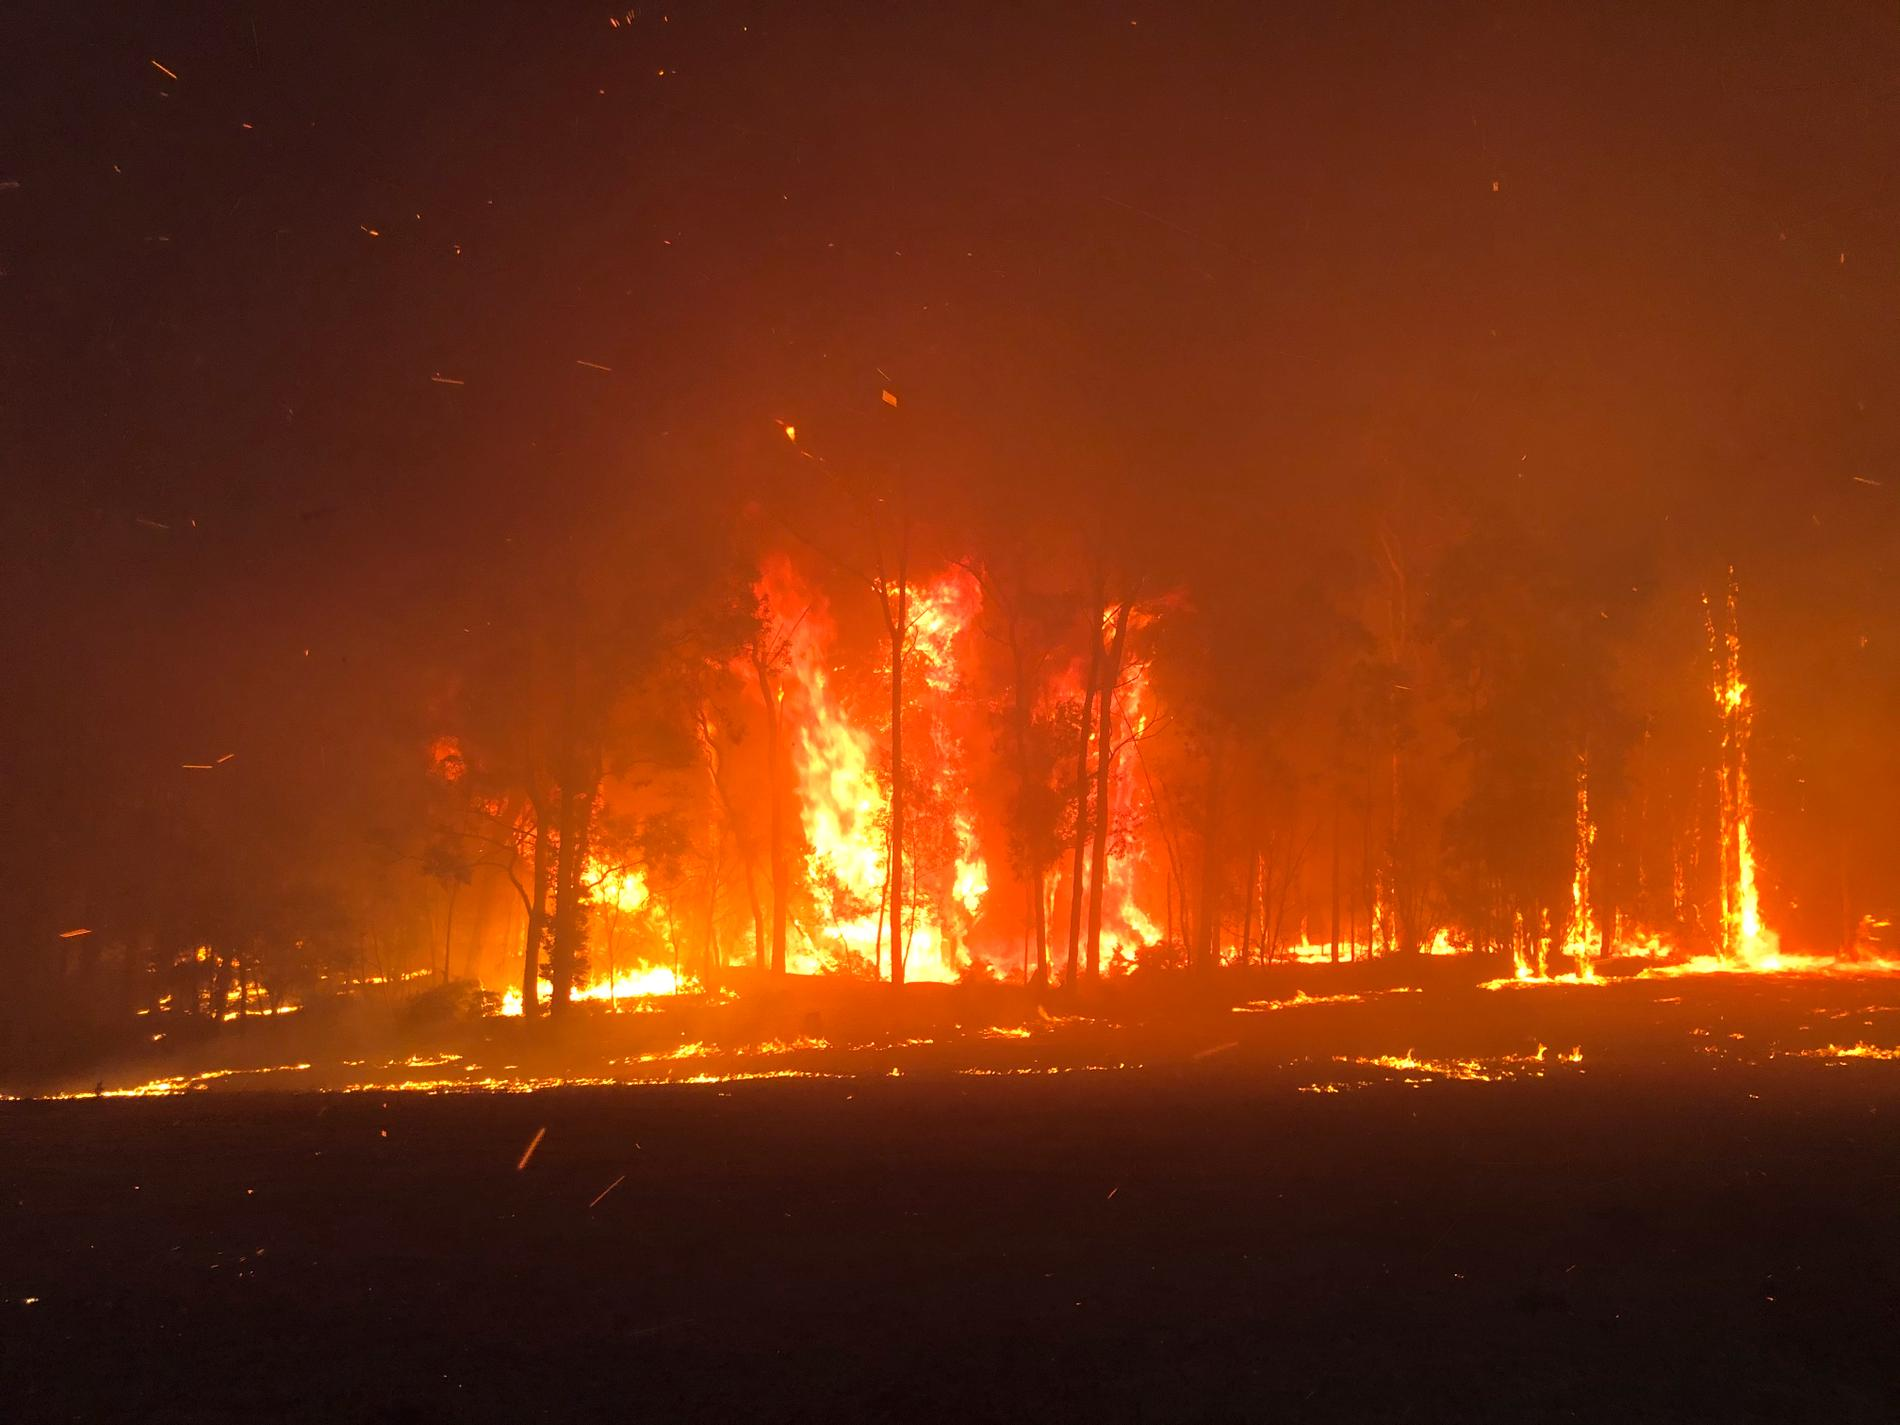 Varma och torra dagar bidrar till ökad risk för skogsbränder.